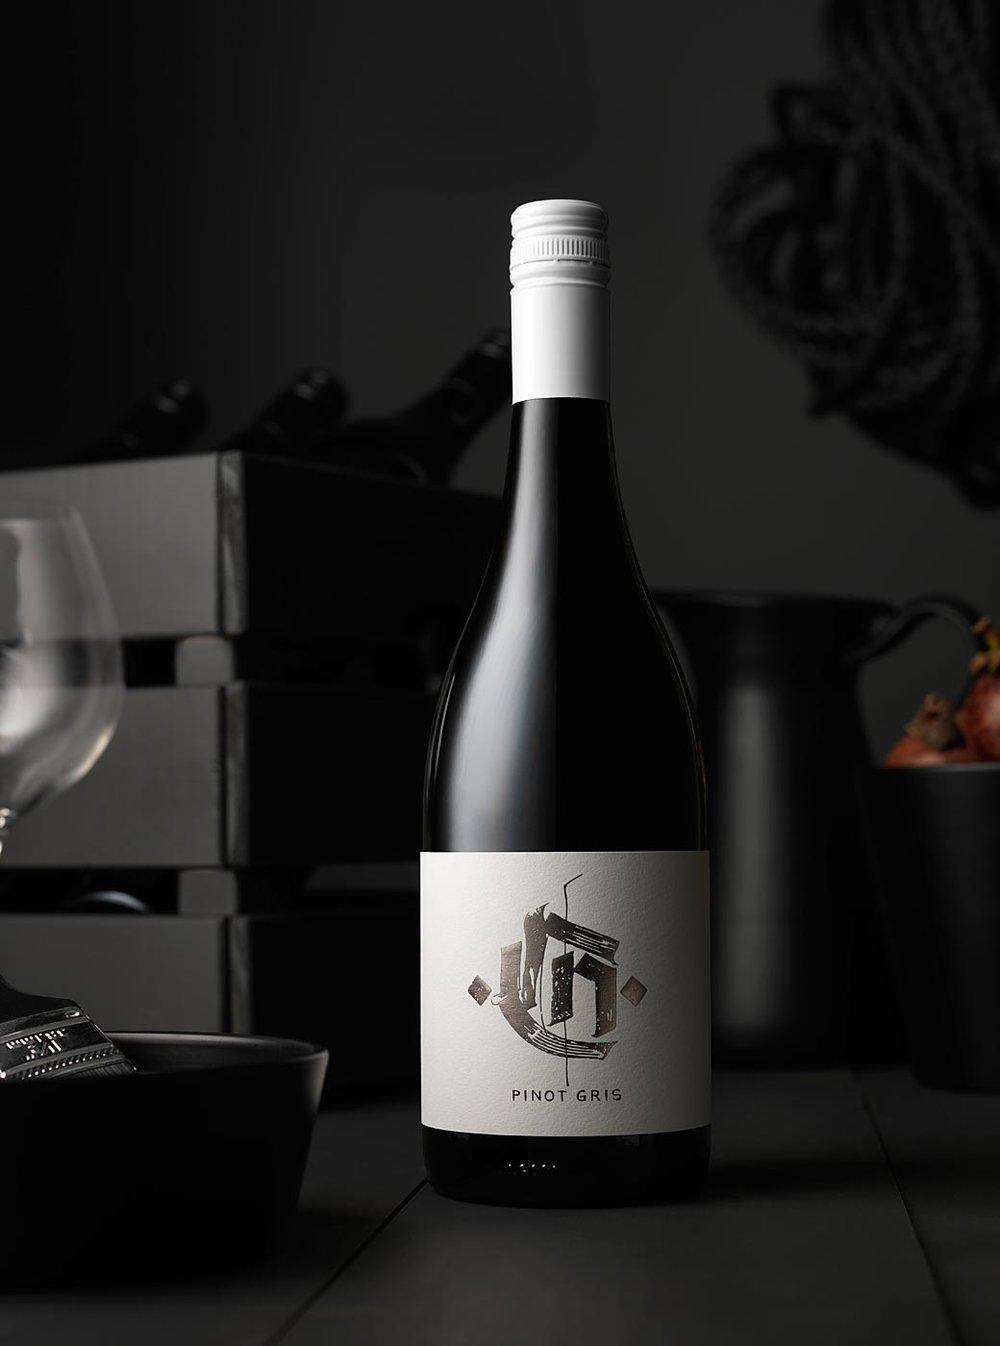 Santolin_wine_bottles_1043_0119.jpg